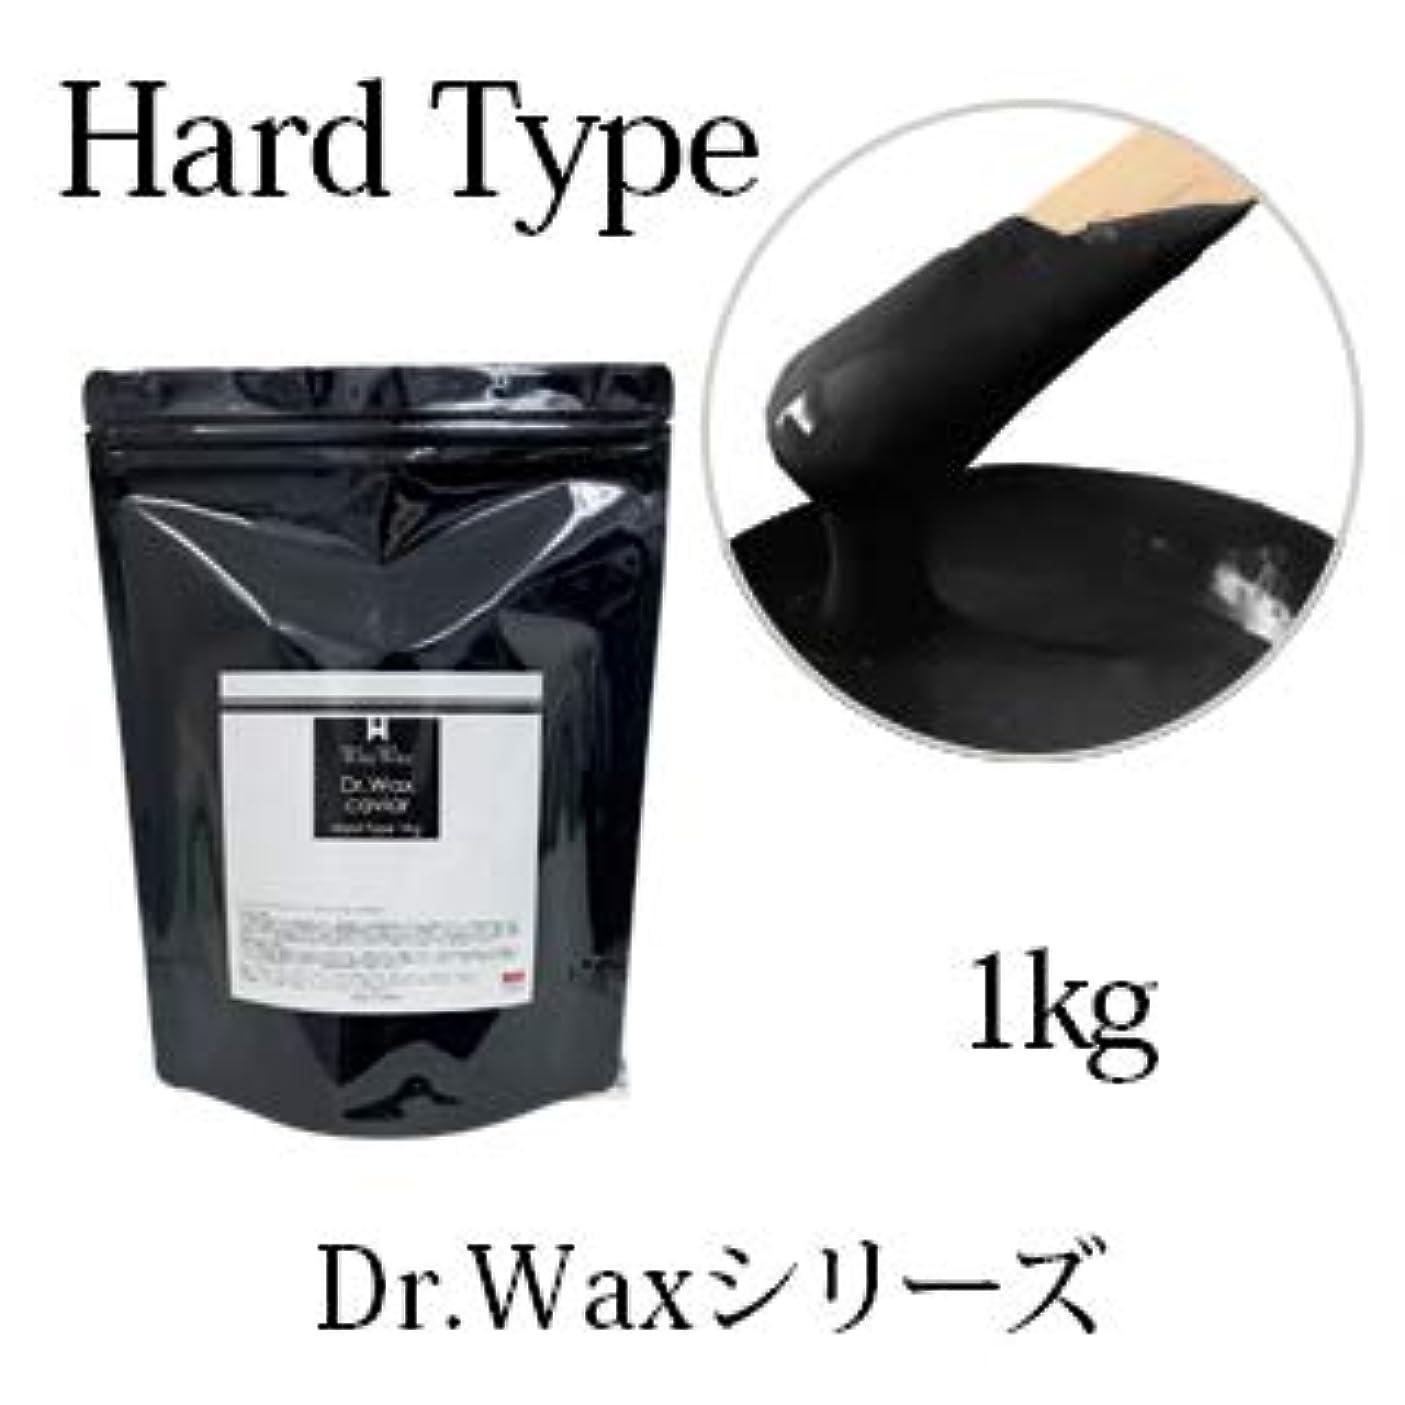 揮発性取り組む緩める【Dr.waxシリーズ】ワックス脱毛 粒タイプ 紙を使用しない ハードワックス (キャビア 1kg)